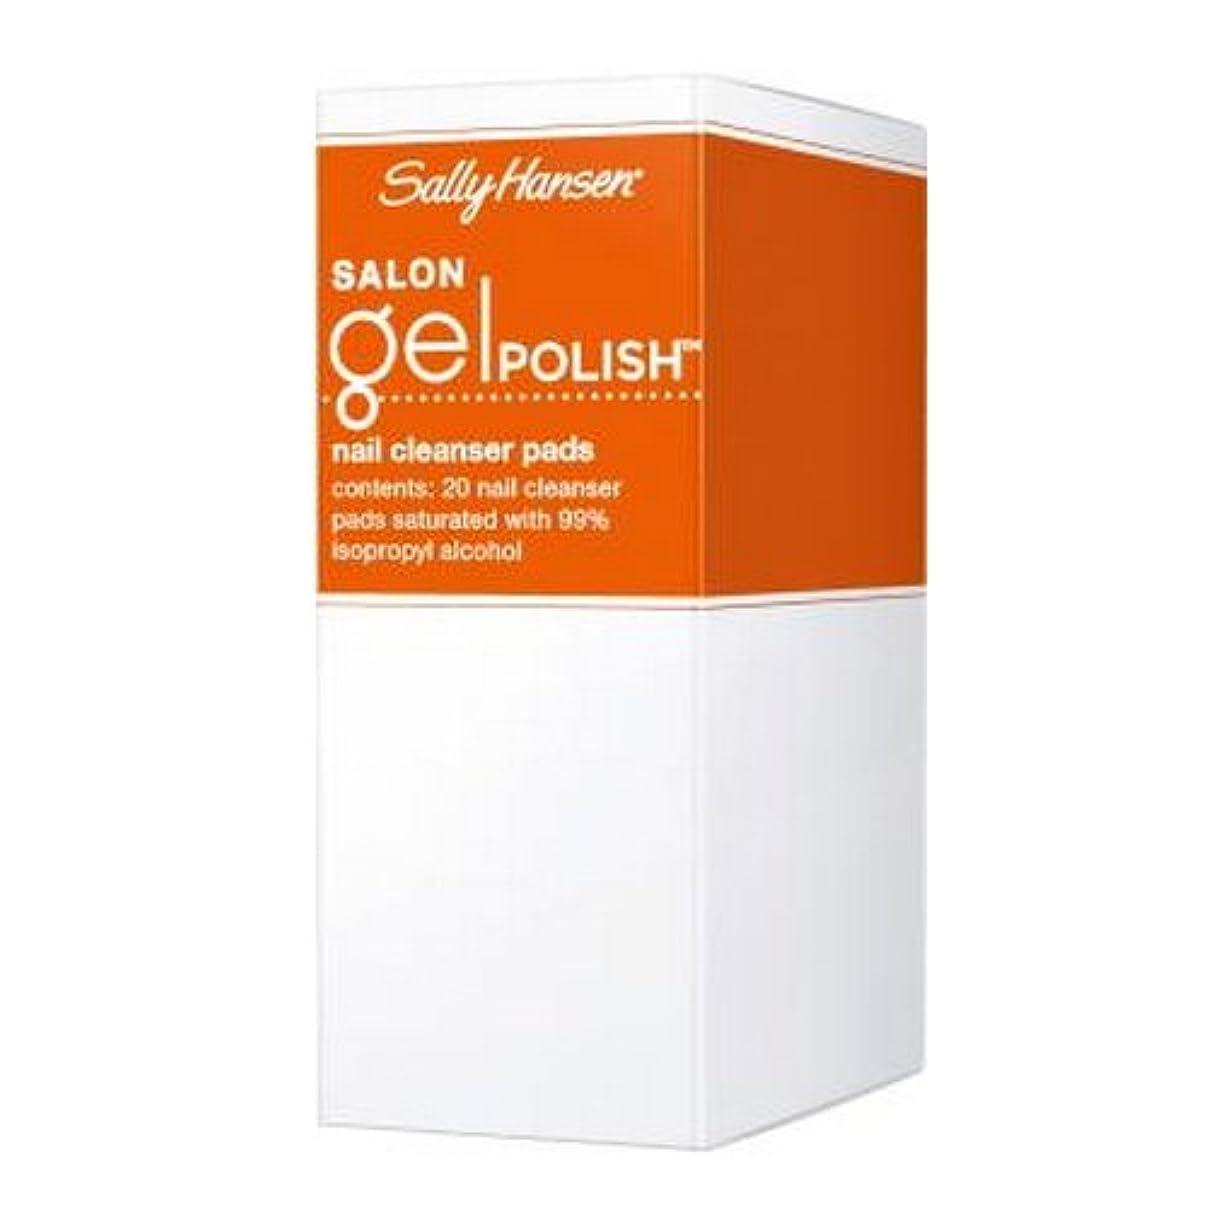 ブラウズ欺くアストロラーベ(6 Pack) SALLY HANSEN Salon Gel Polish Nail Cleanser Pads - Gel Polish Cleanser Pads (並行輸入品)